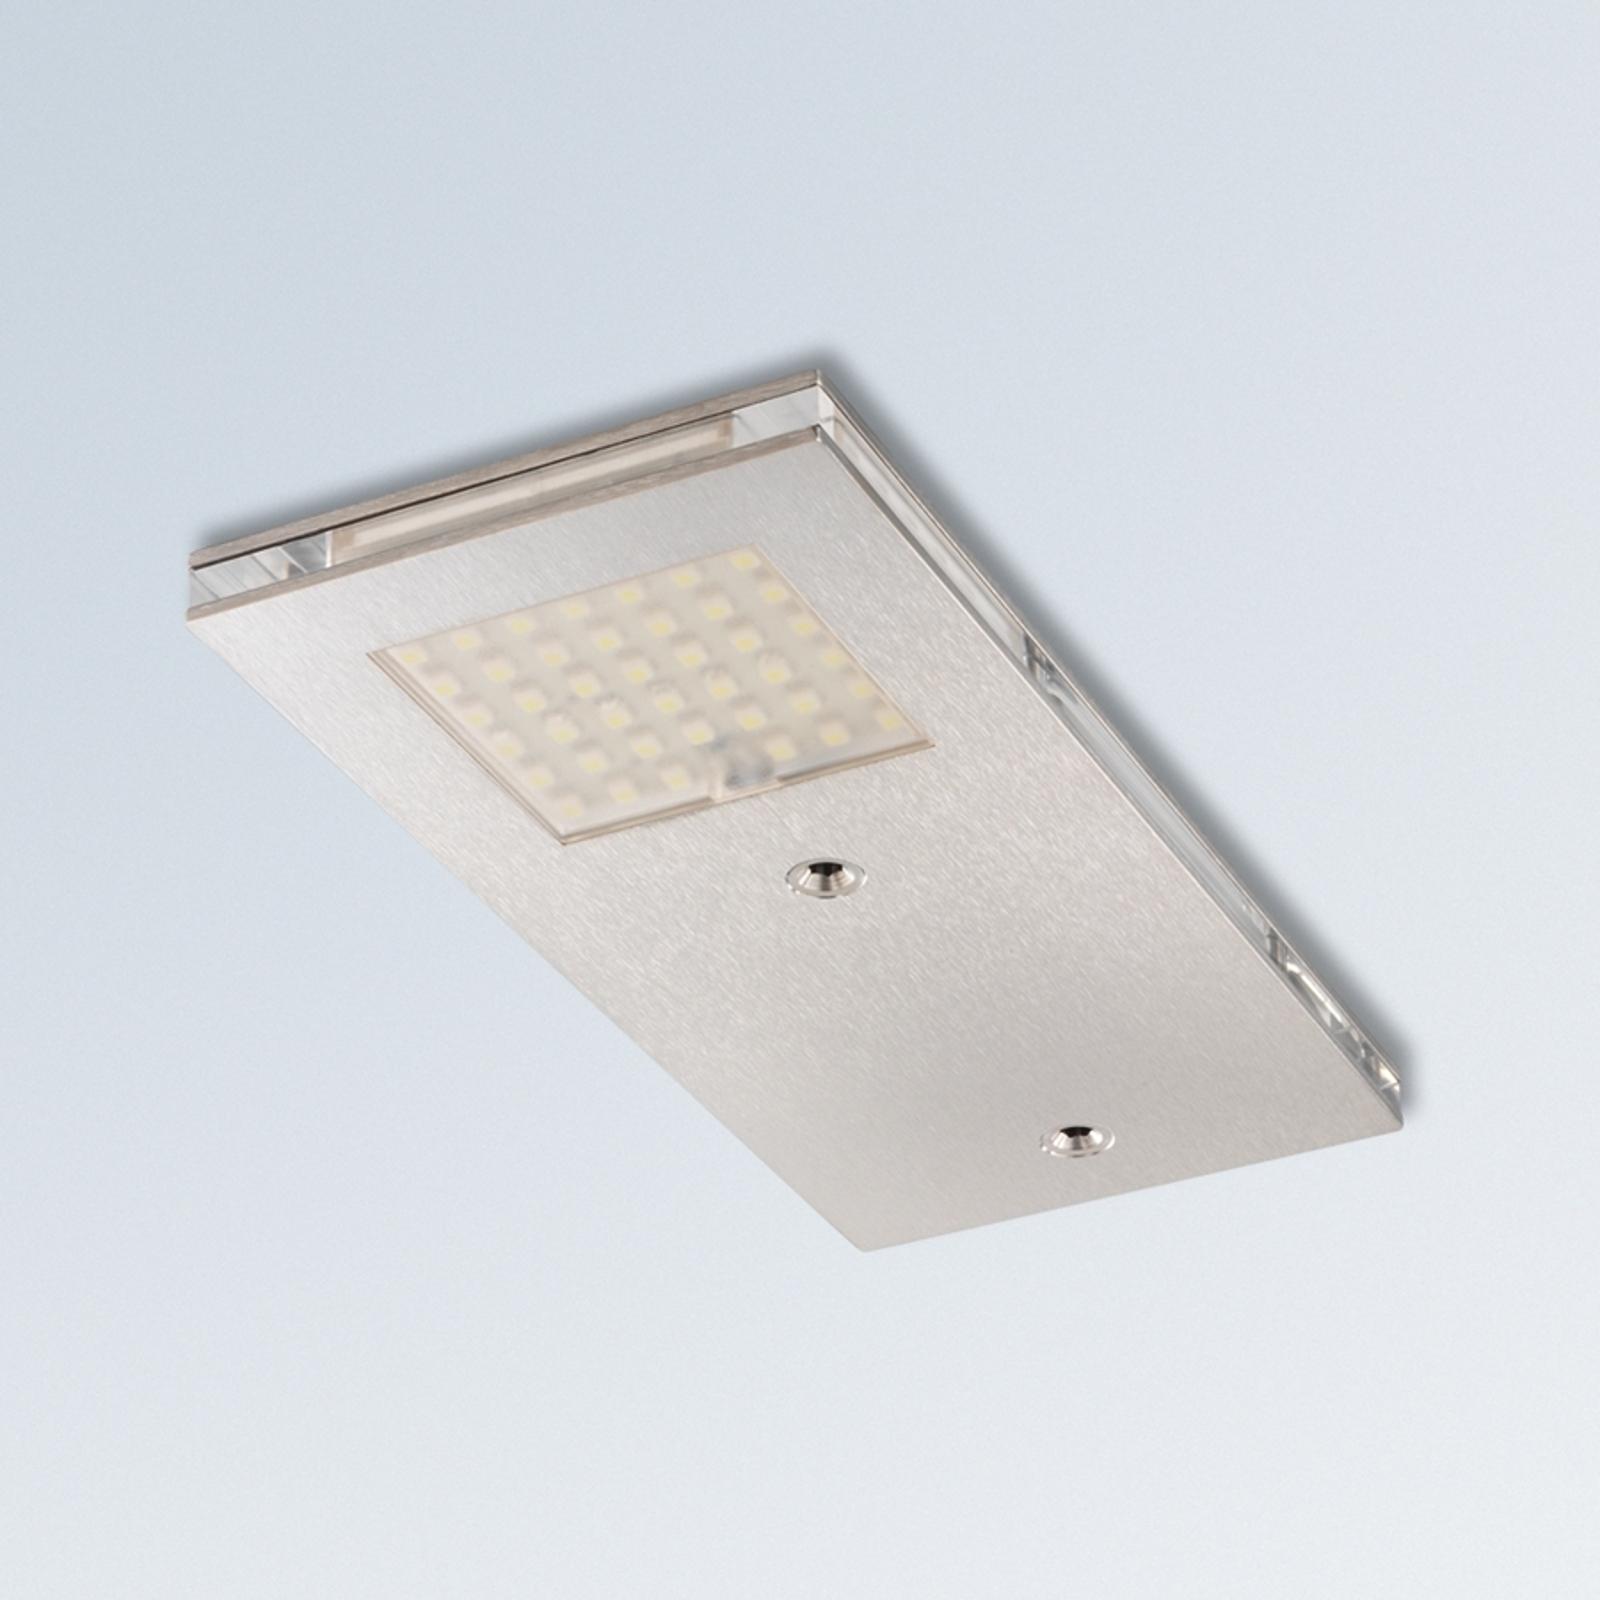 Aplique de encastre LED moderno Flat I